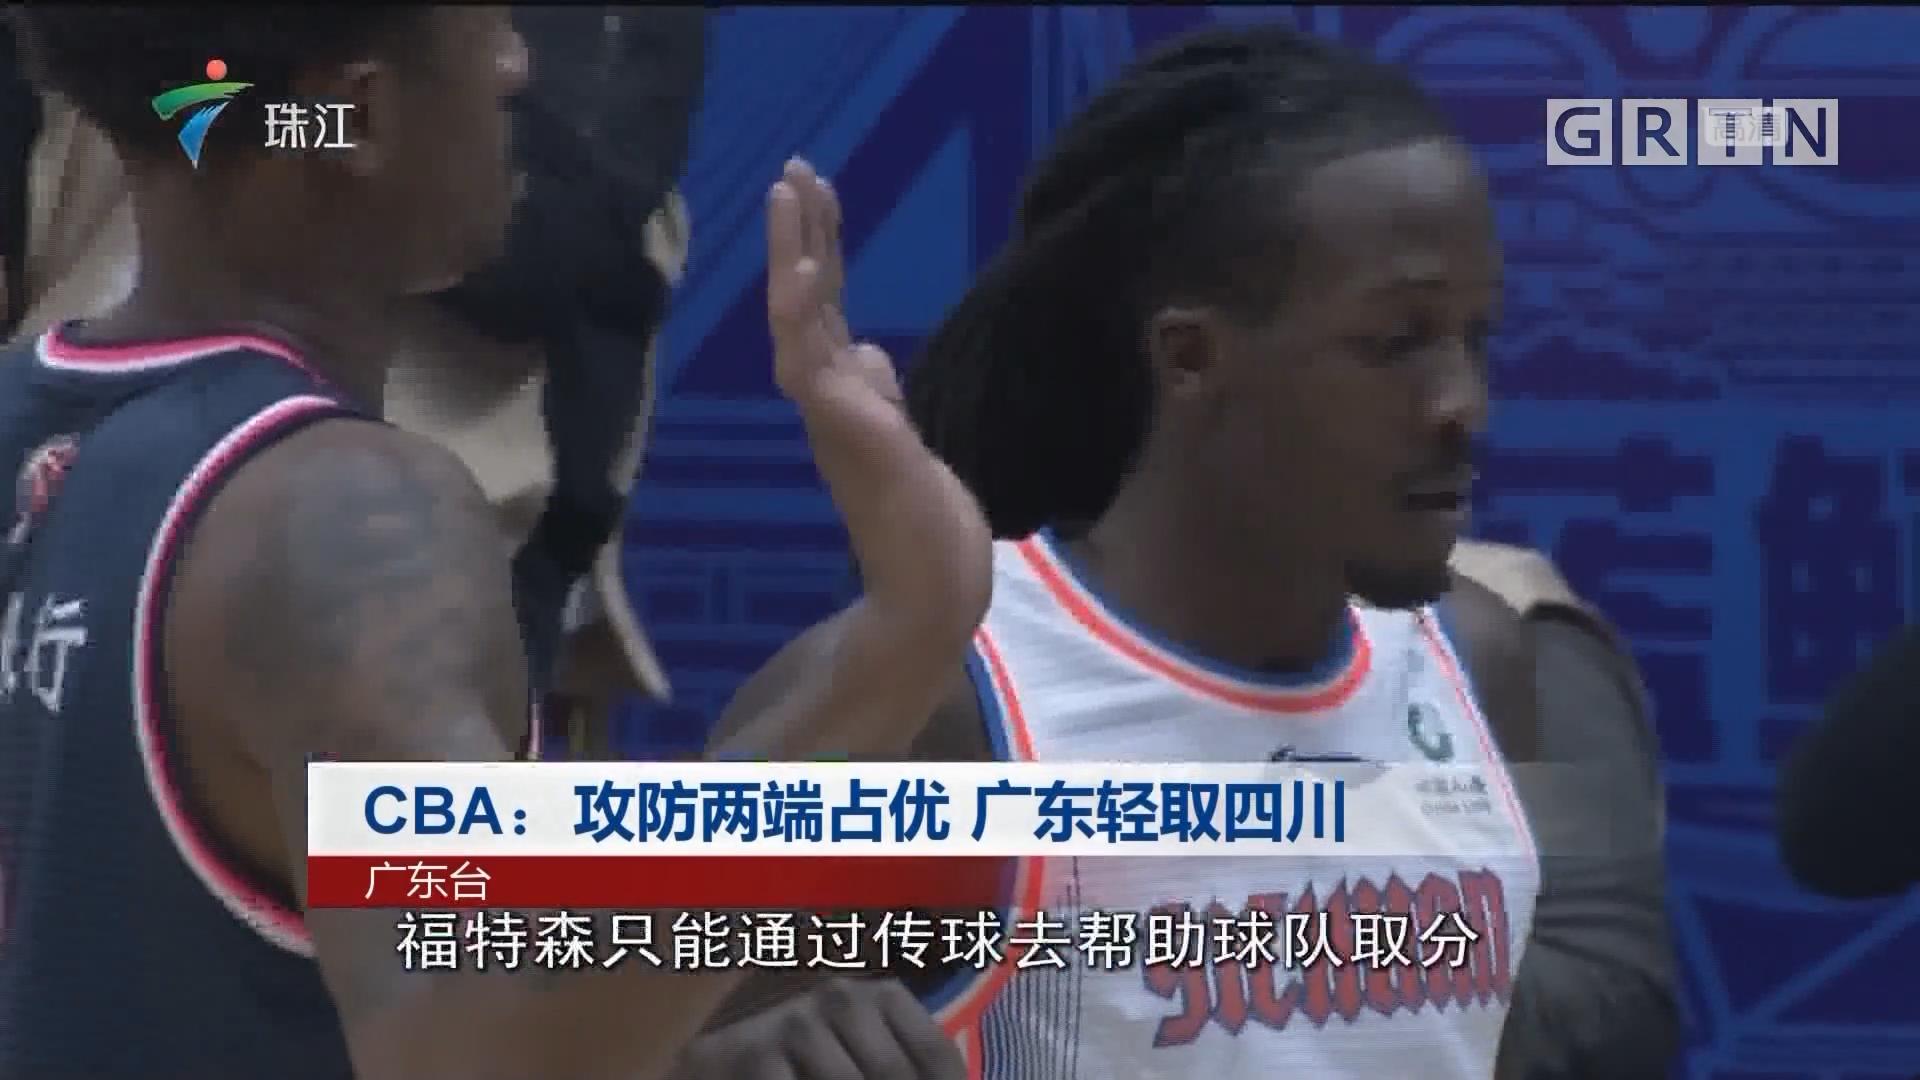 CBA:攻防两端占优 广东轻取四川